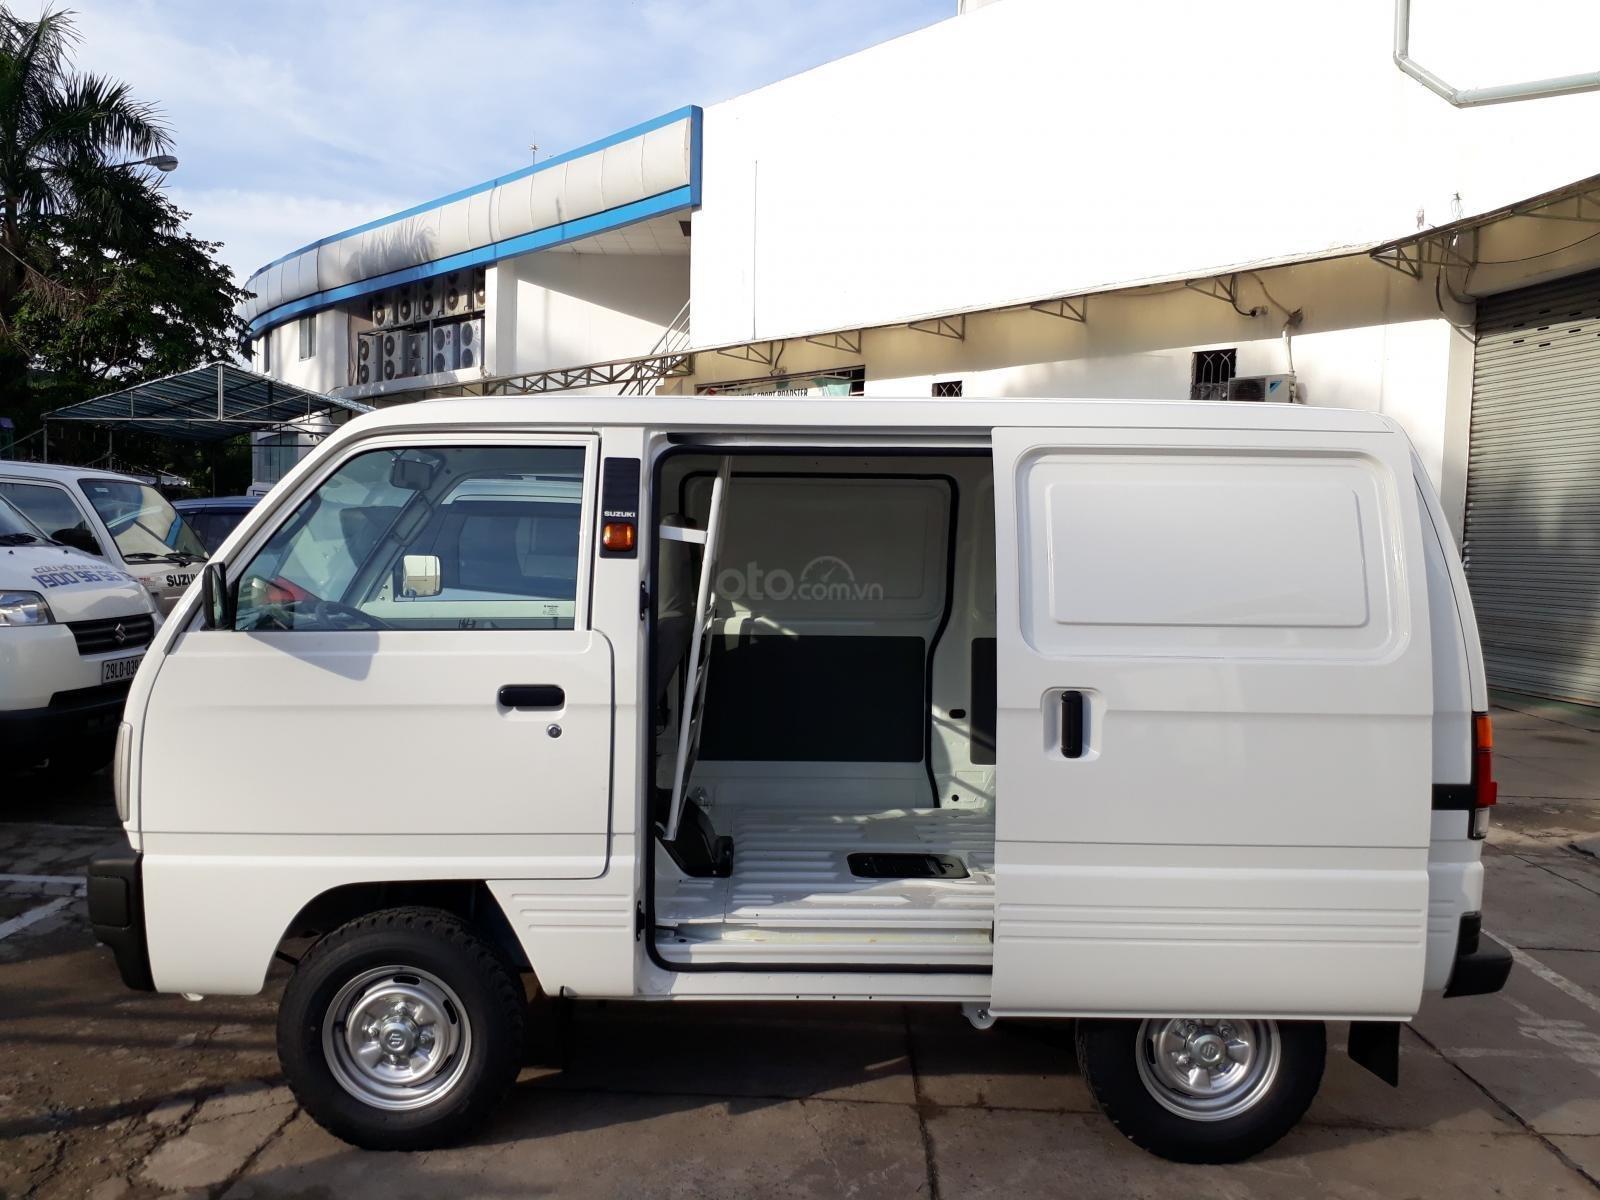 Xe bán tải Suzuki Blind Van lưu thông 24/24, ưu đãi 100% thuế trước bạ (2)